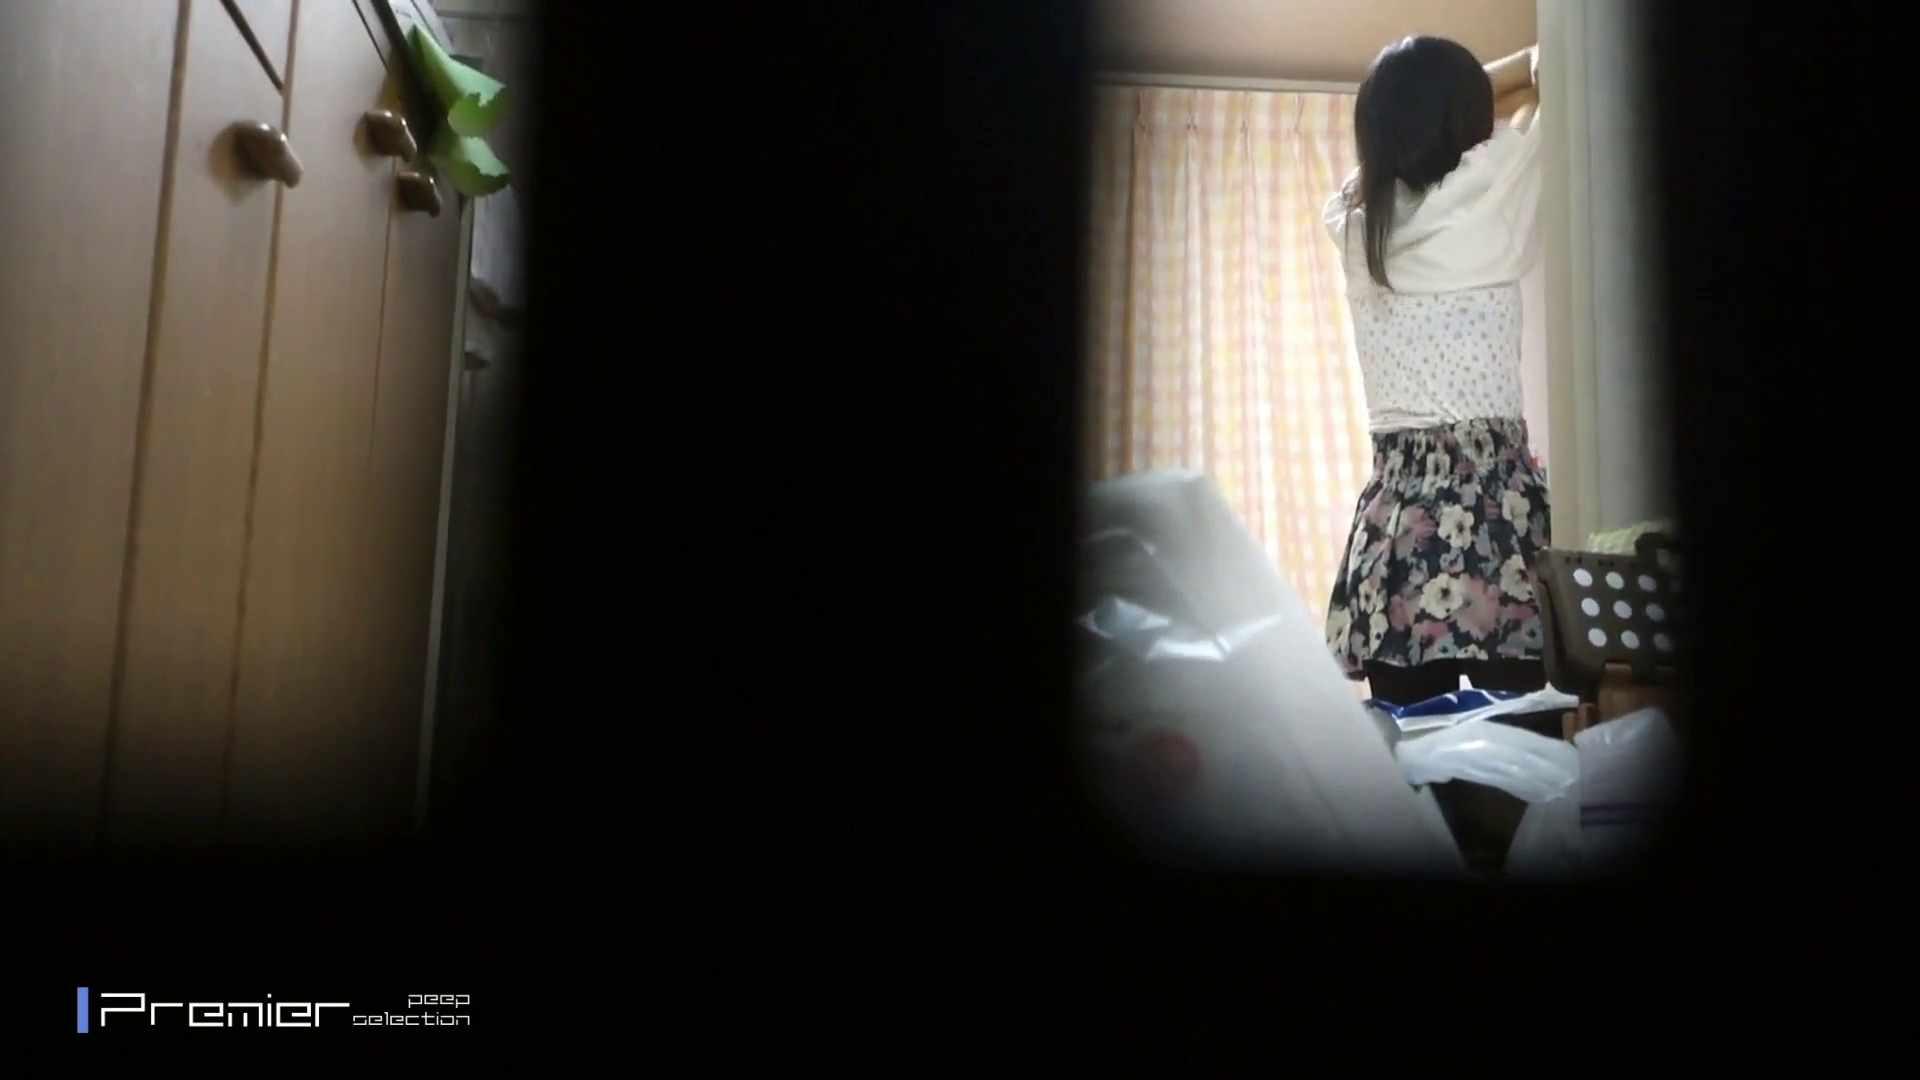 再生38分!マン毛剛毛超絶美女の私生活 美女達の私生活に潜入! 潜入エロ調査 | 高画質  78連発 34